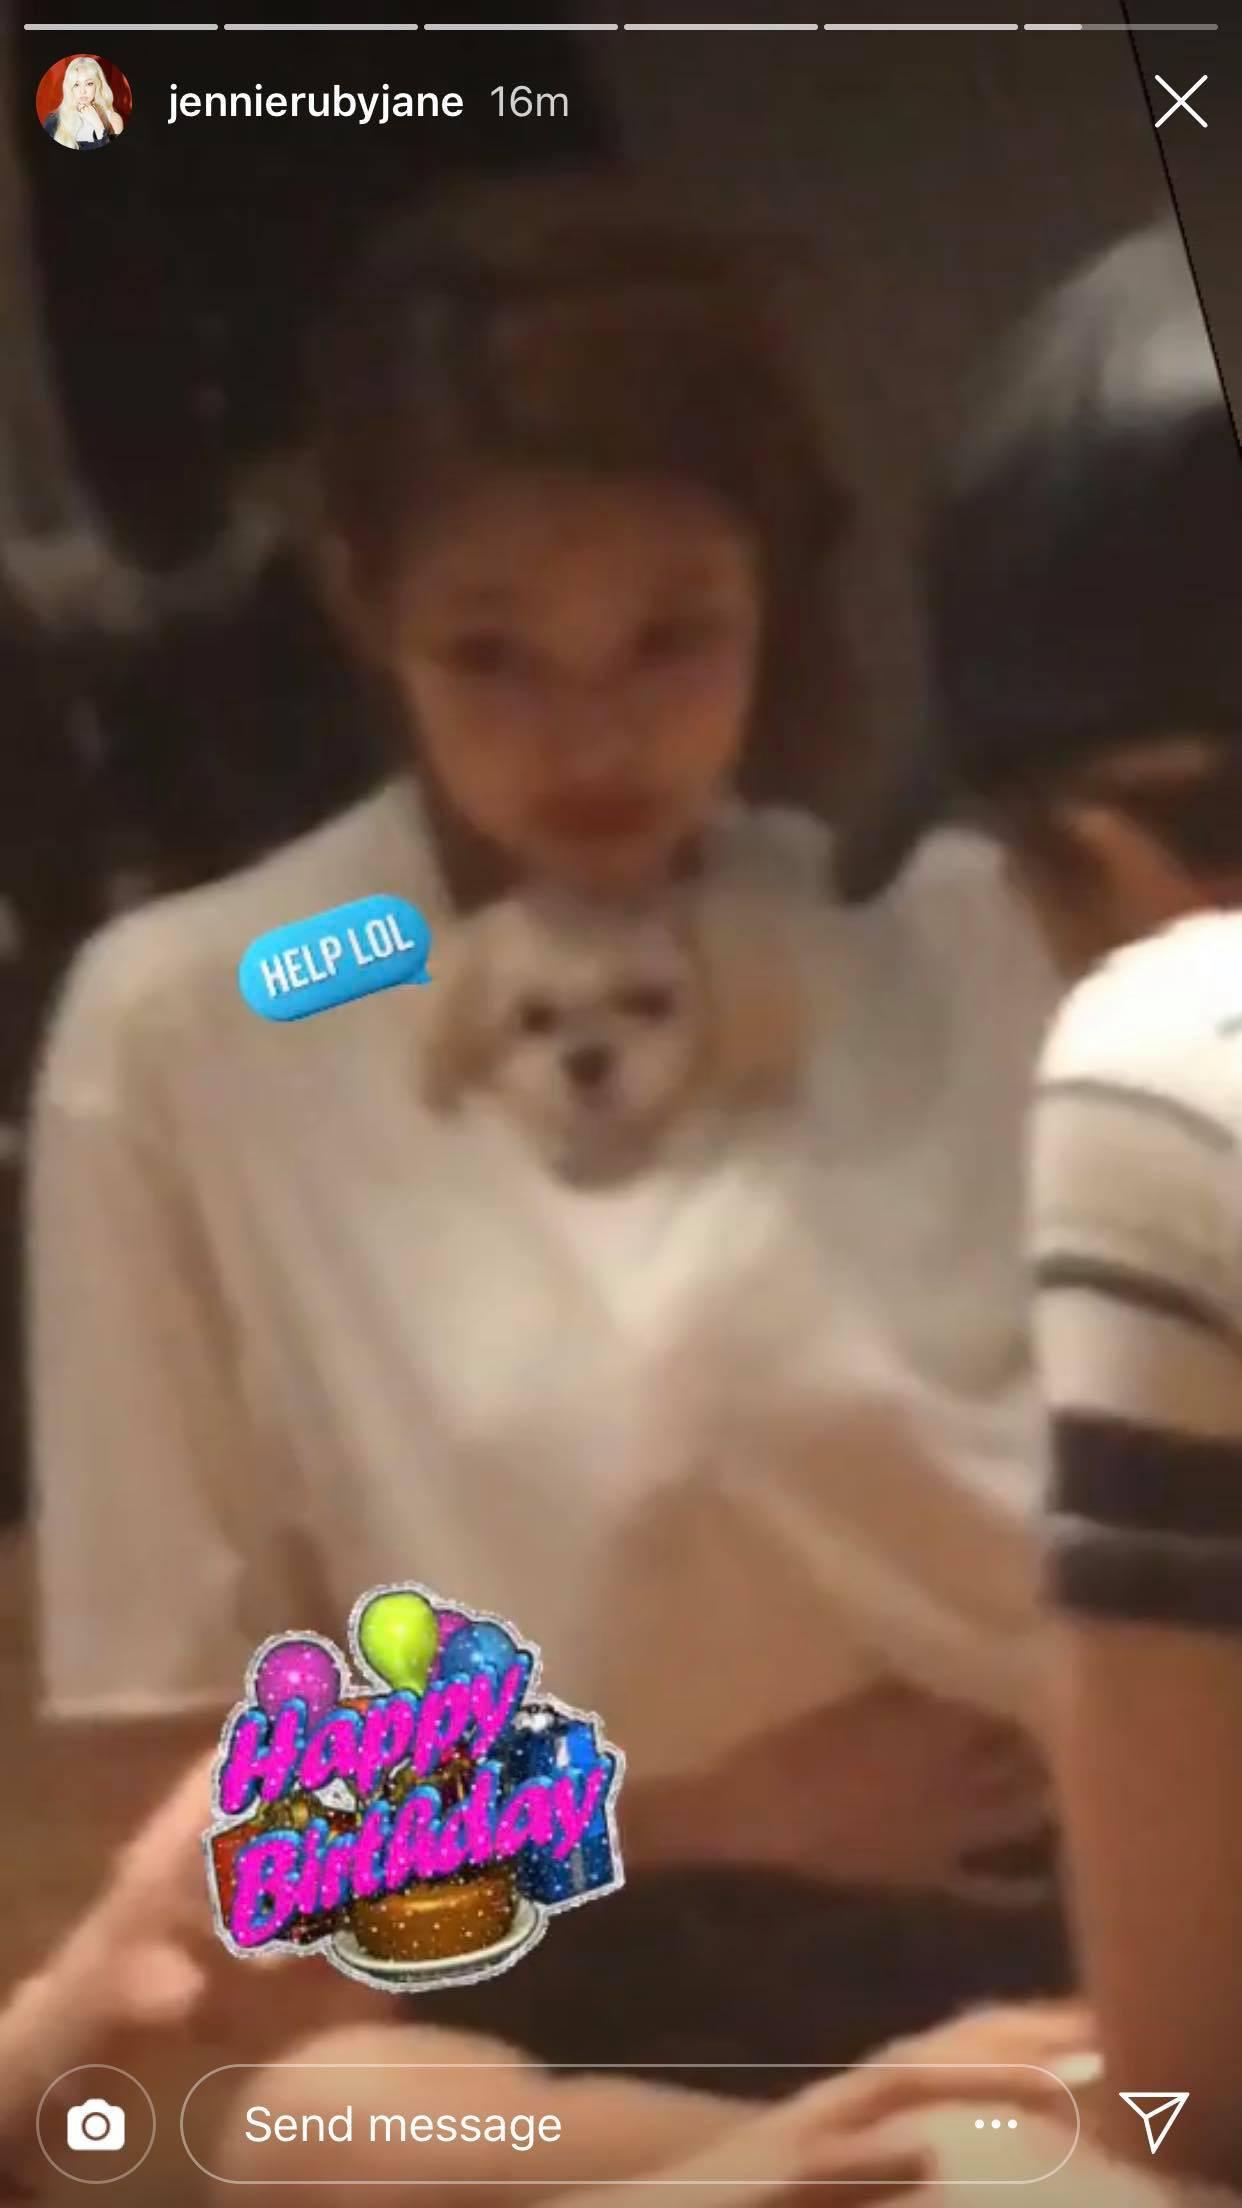 Nhân vật khiến fan BLACKPINK ghen tỵ nhất hôm nay: Được Jennie cưng nựng, ôm ấp, spam toàn hình ảnh yêu thương - Ảnh 2.